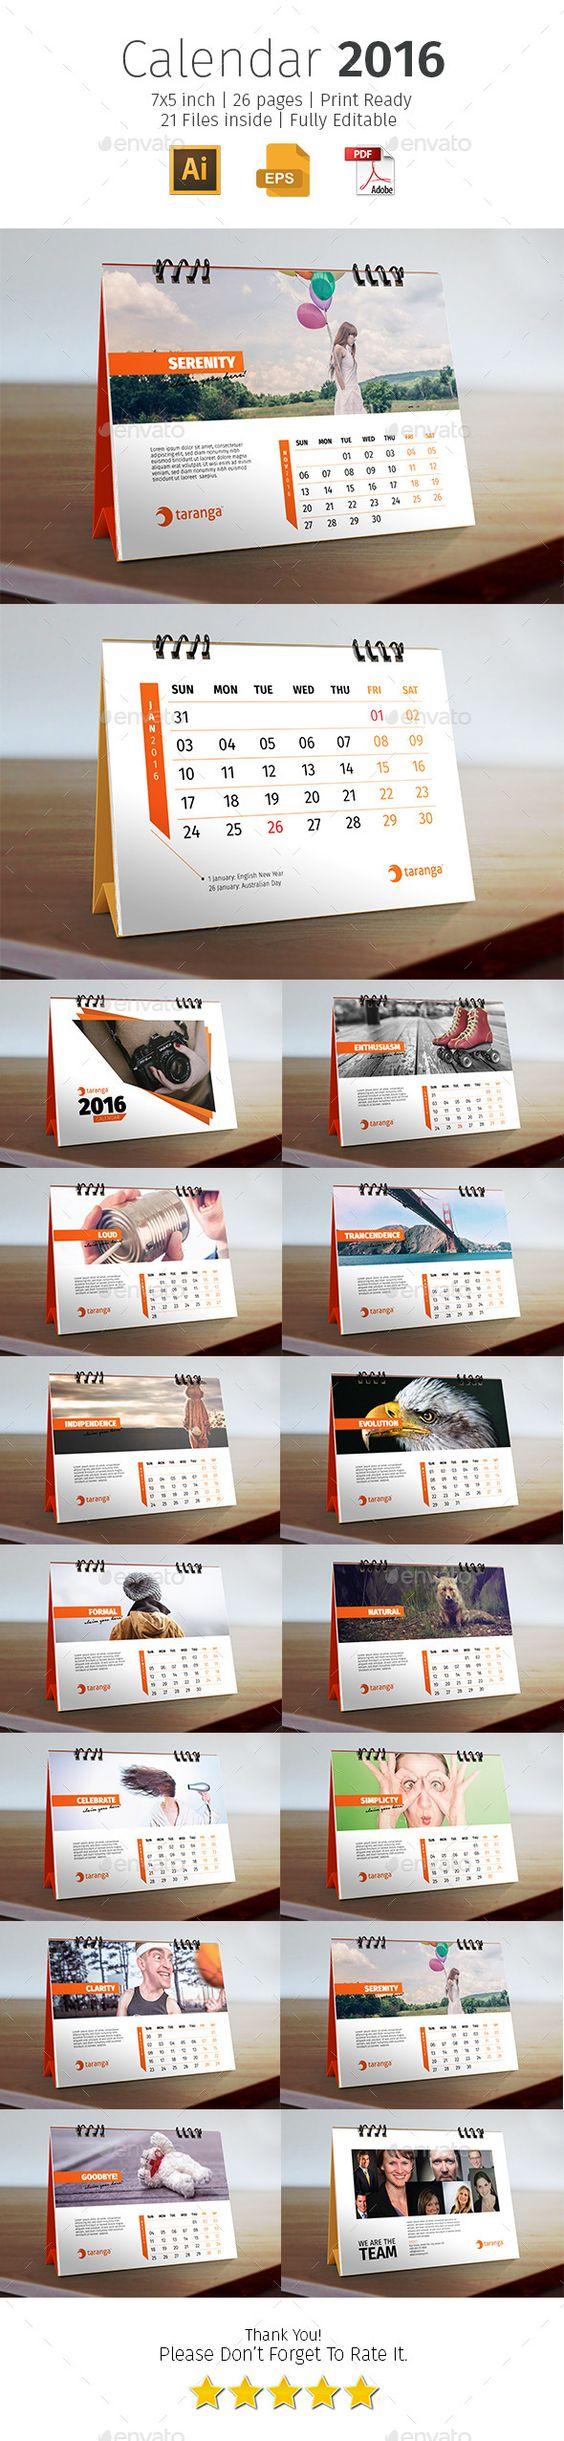 Corporate Calendar Designs : Corporate desk calendar template design download